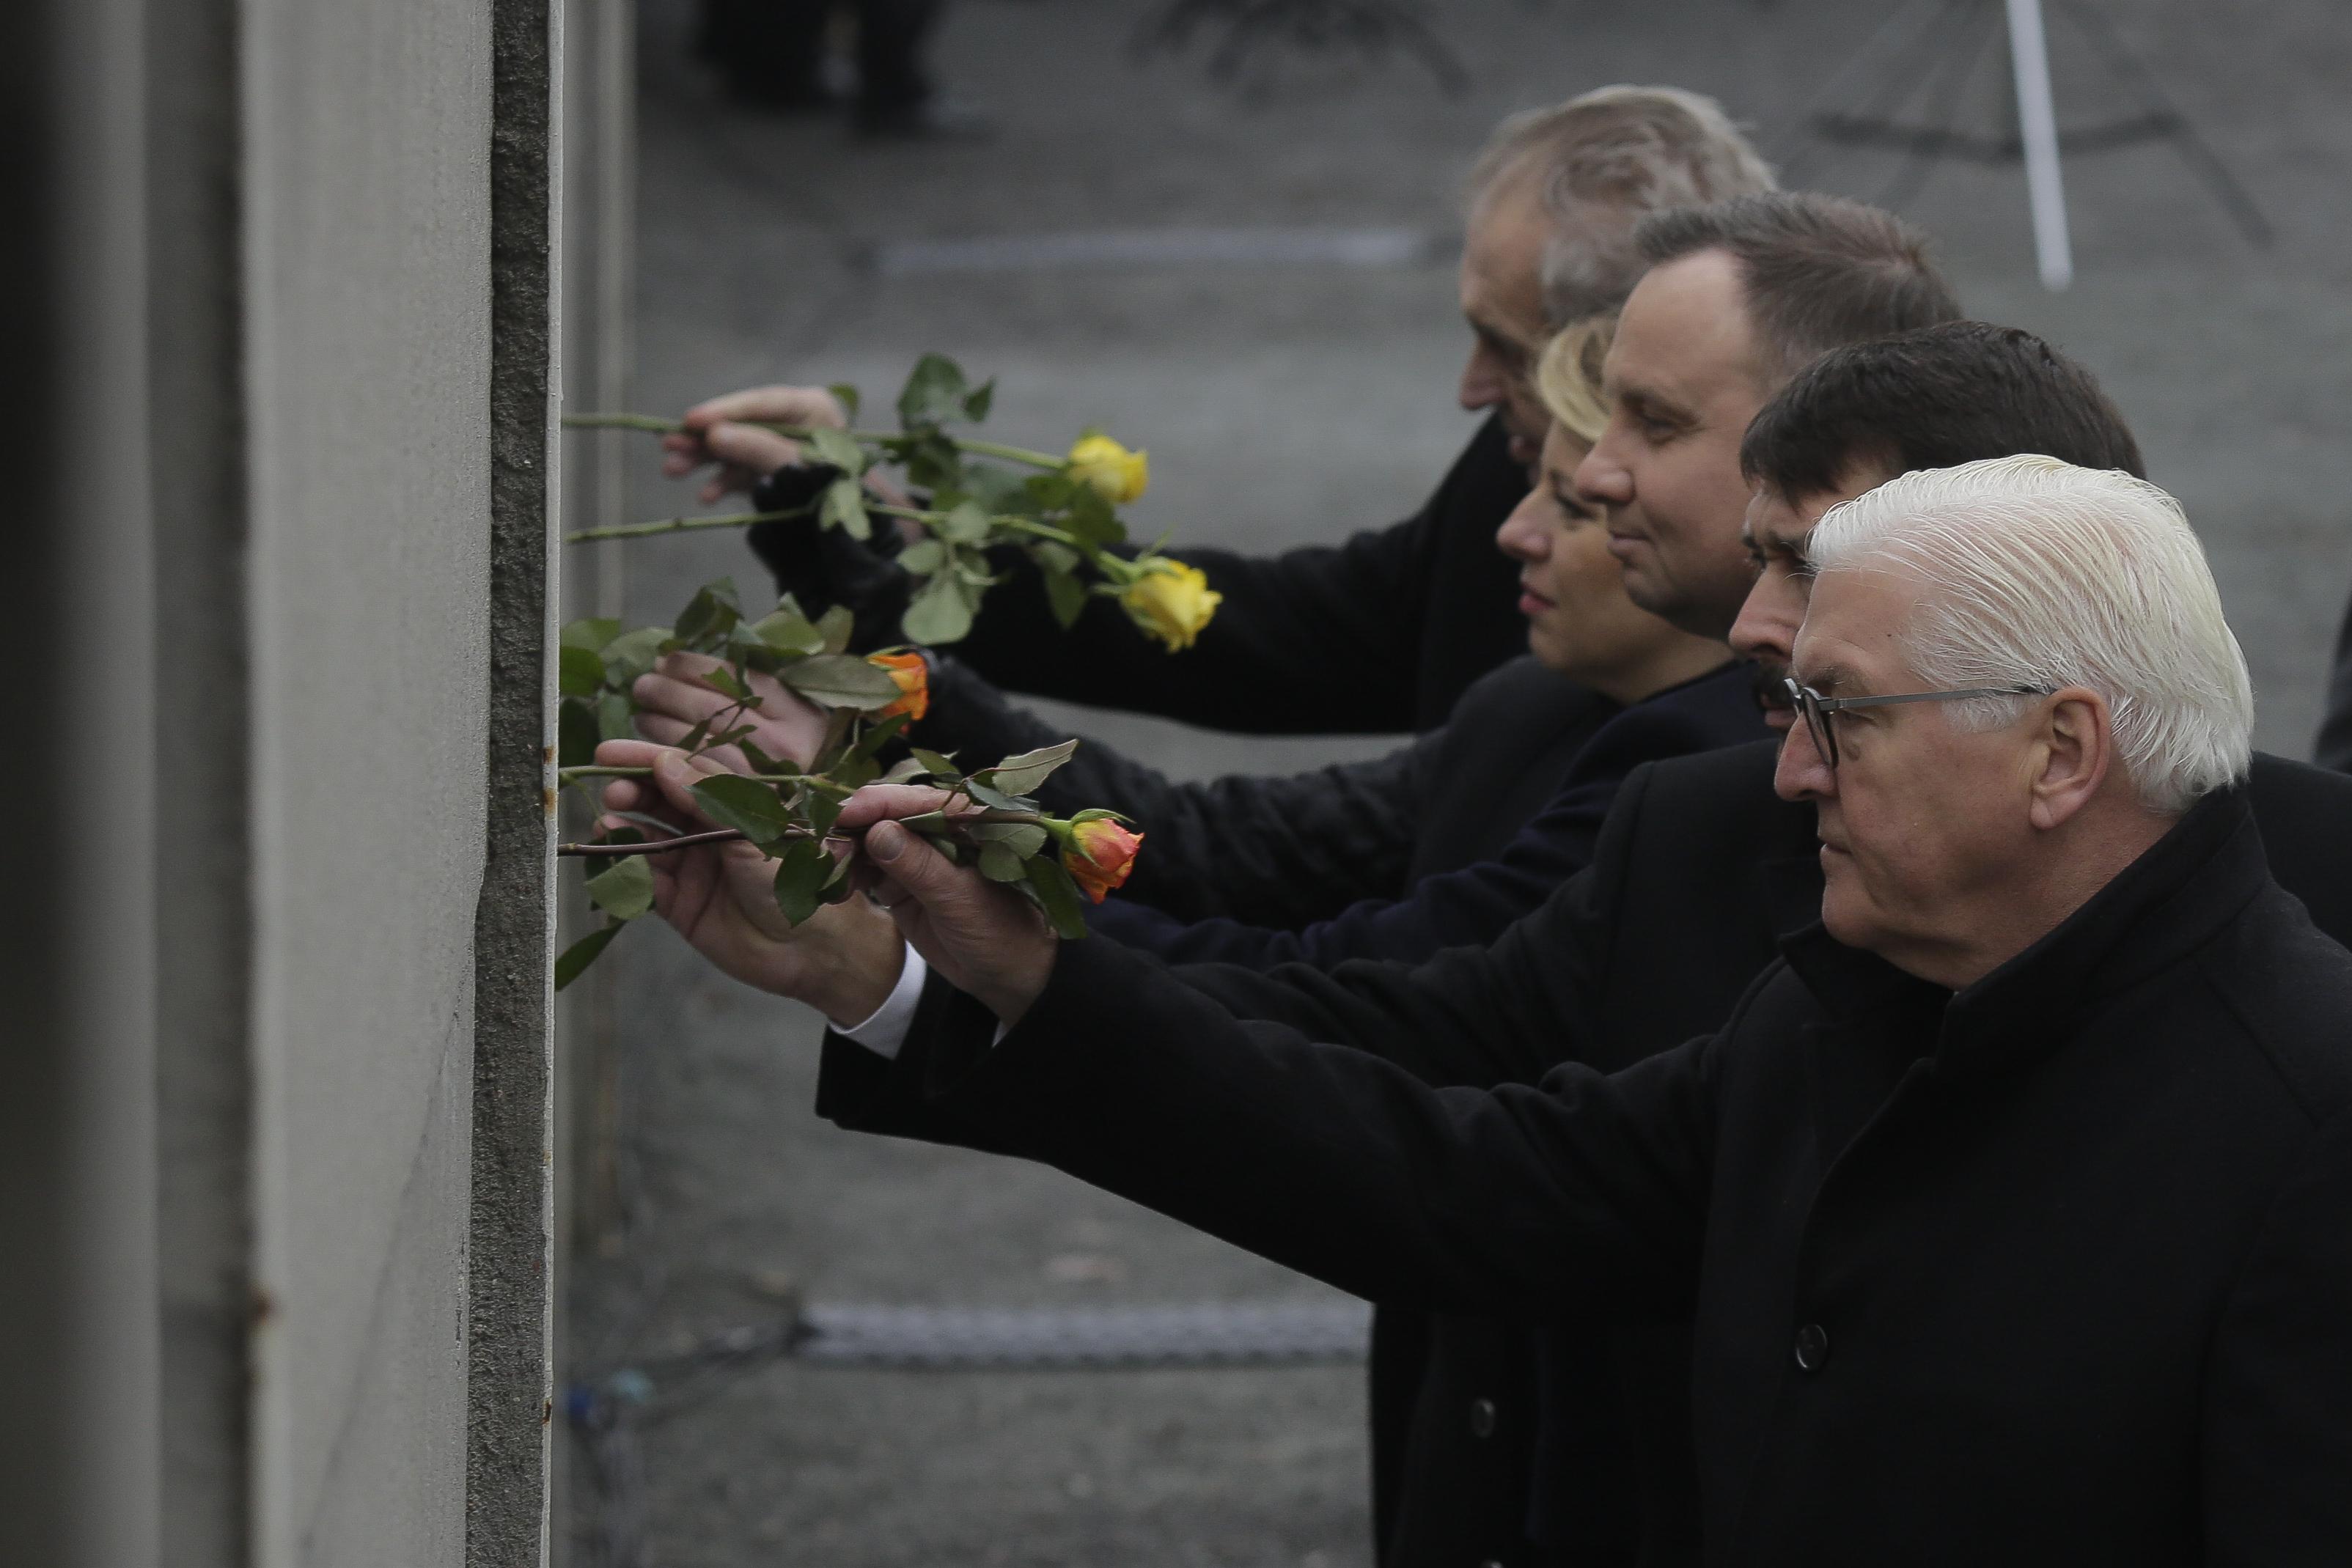 Berlínsky múr padol a je dôležité, aby padali aj múry nedôvery v nás